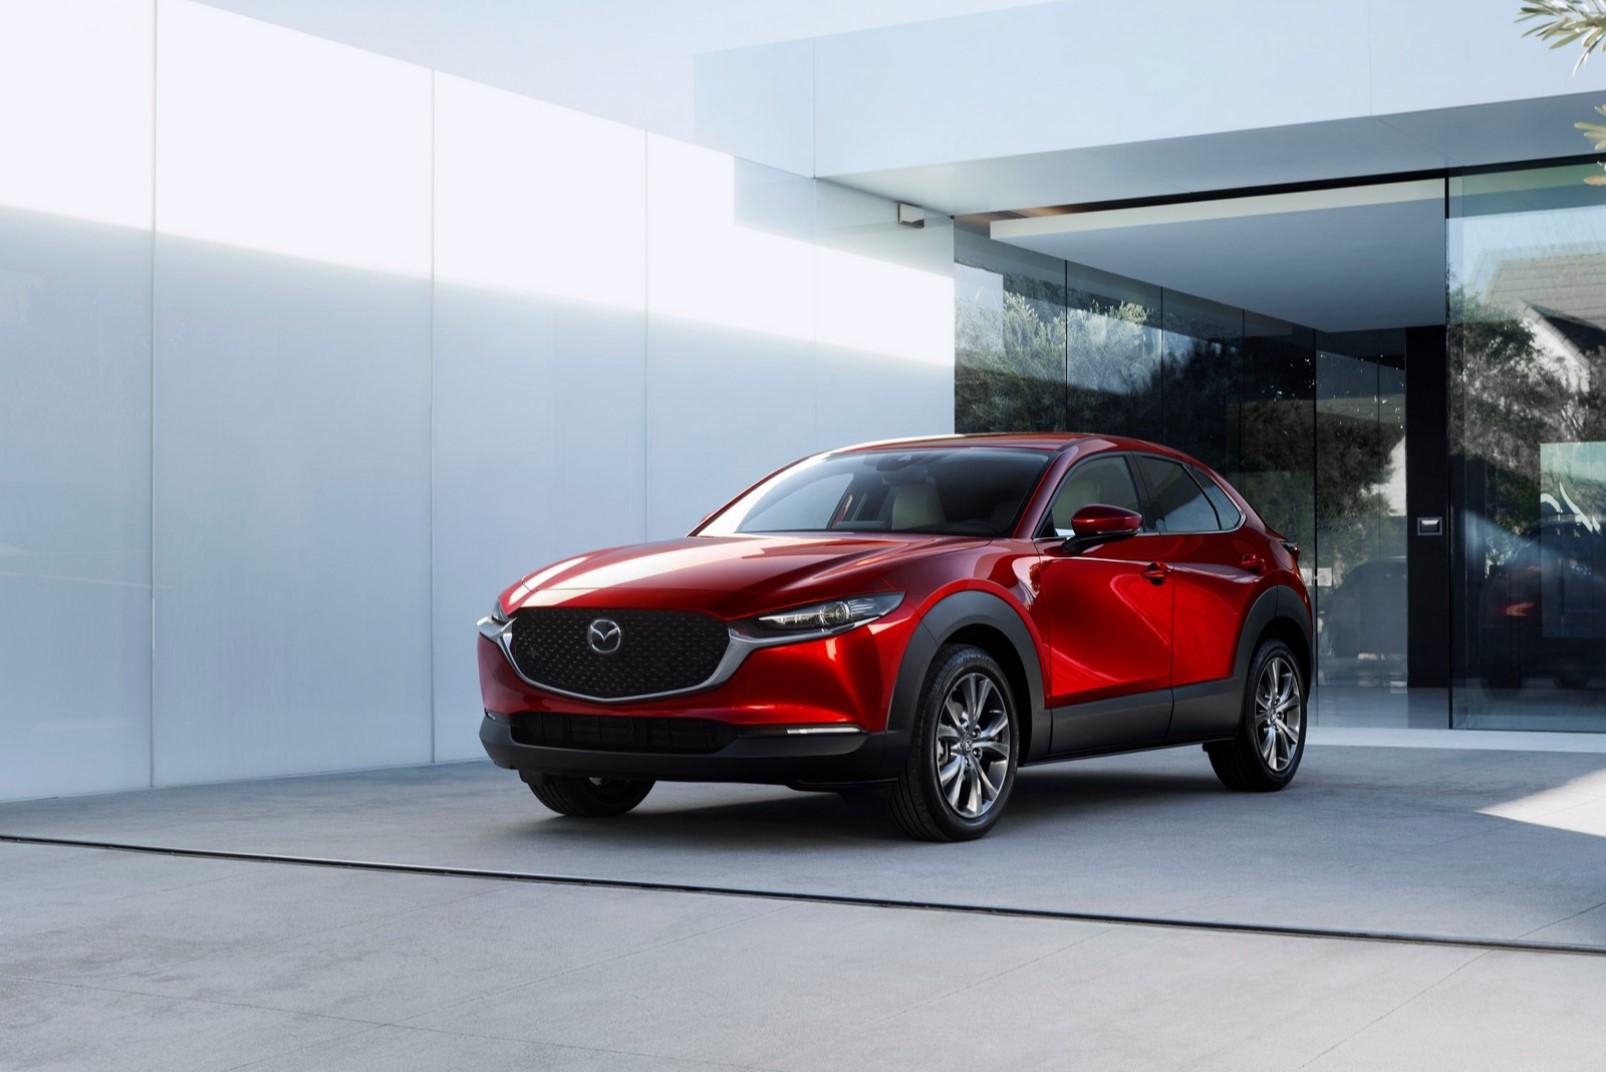 Mazda CX 30 Geneva Motor Show